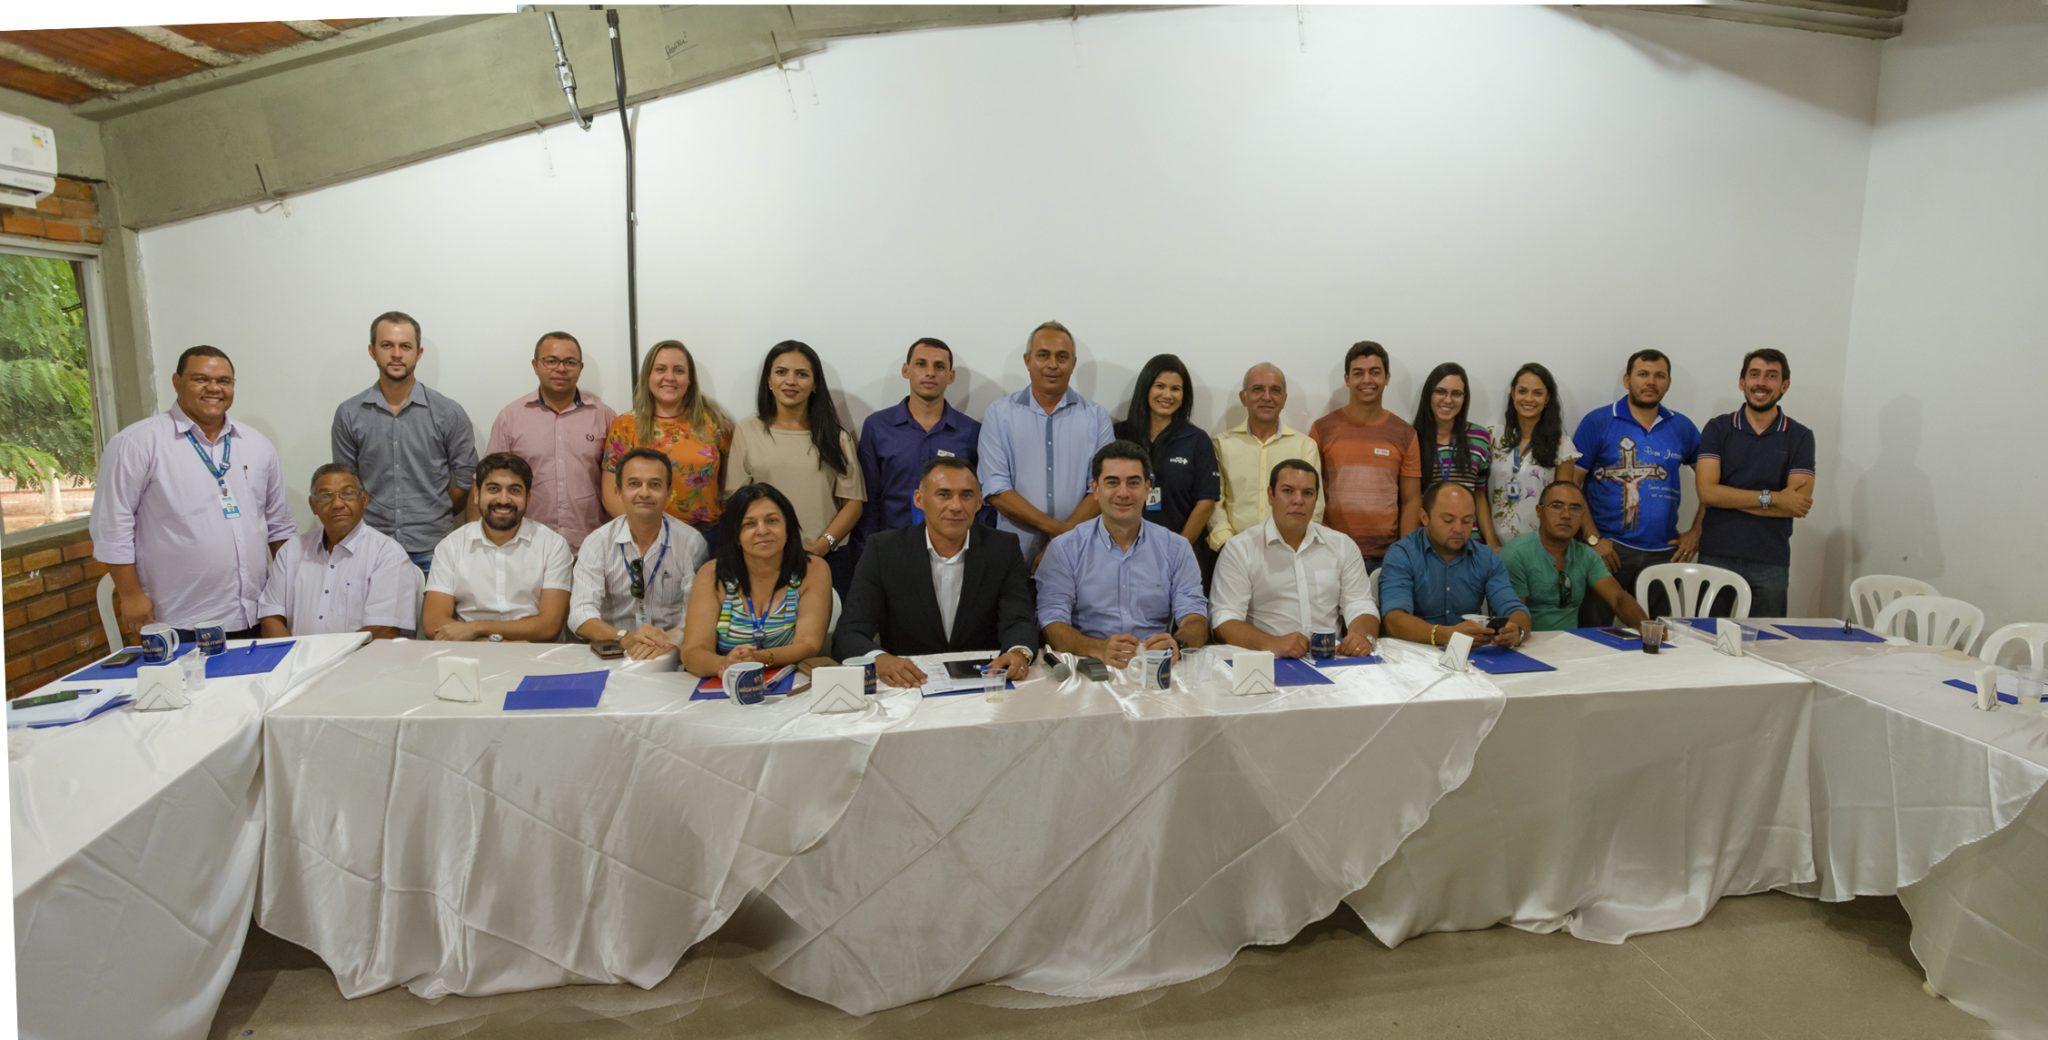 Reunião do Conselho Empresarial da FIEPE recebe o prefeito de Araripina, Raimundo Pimentel